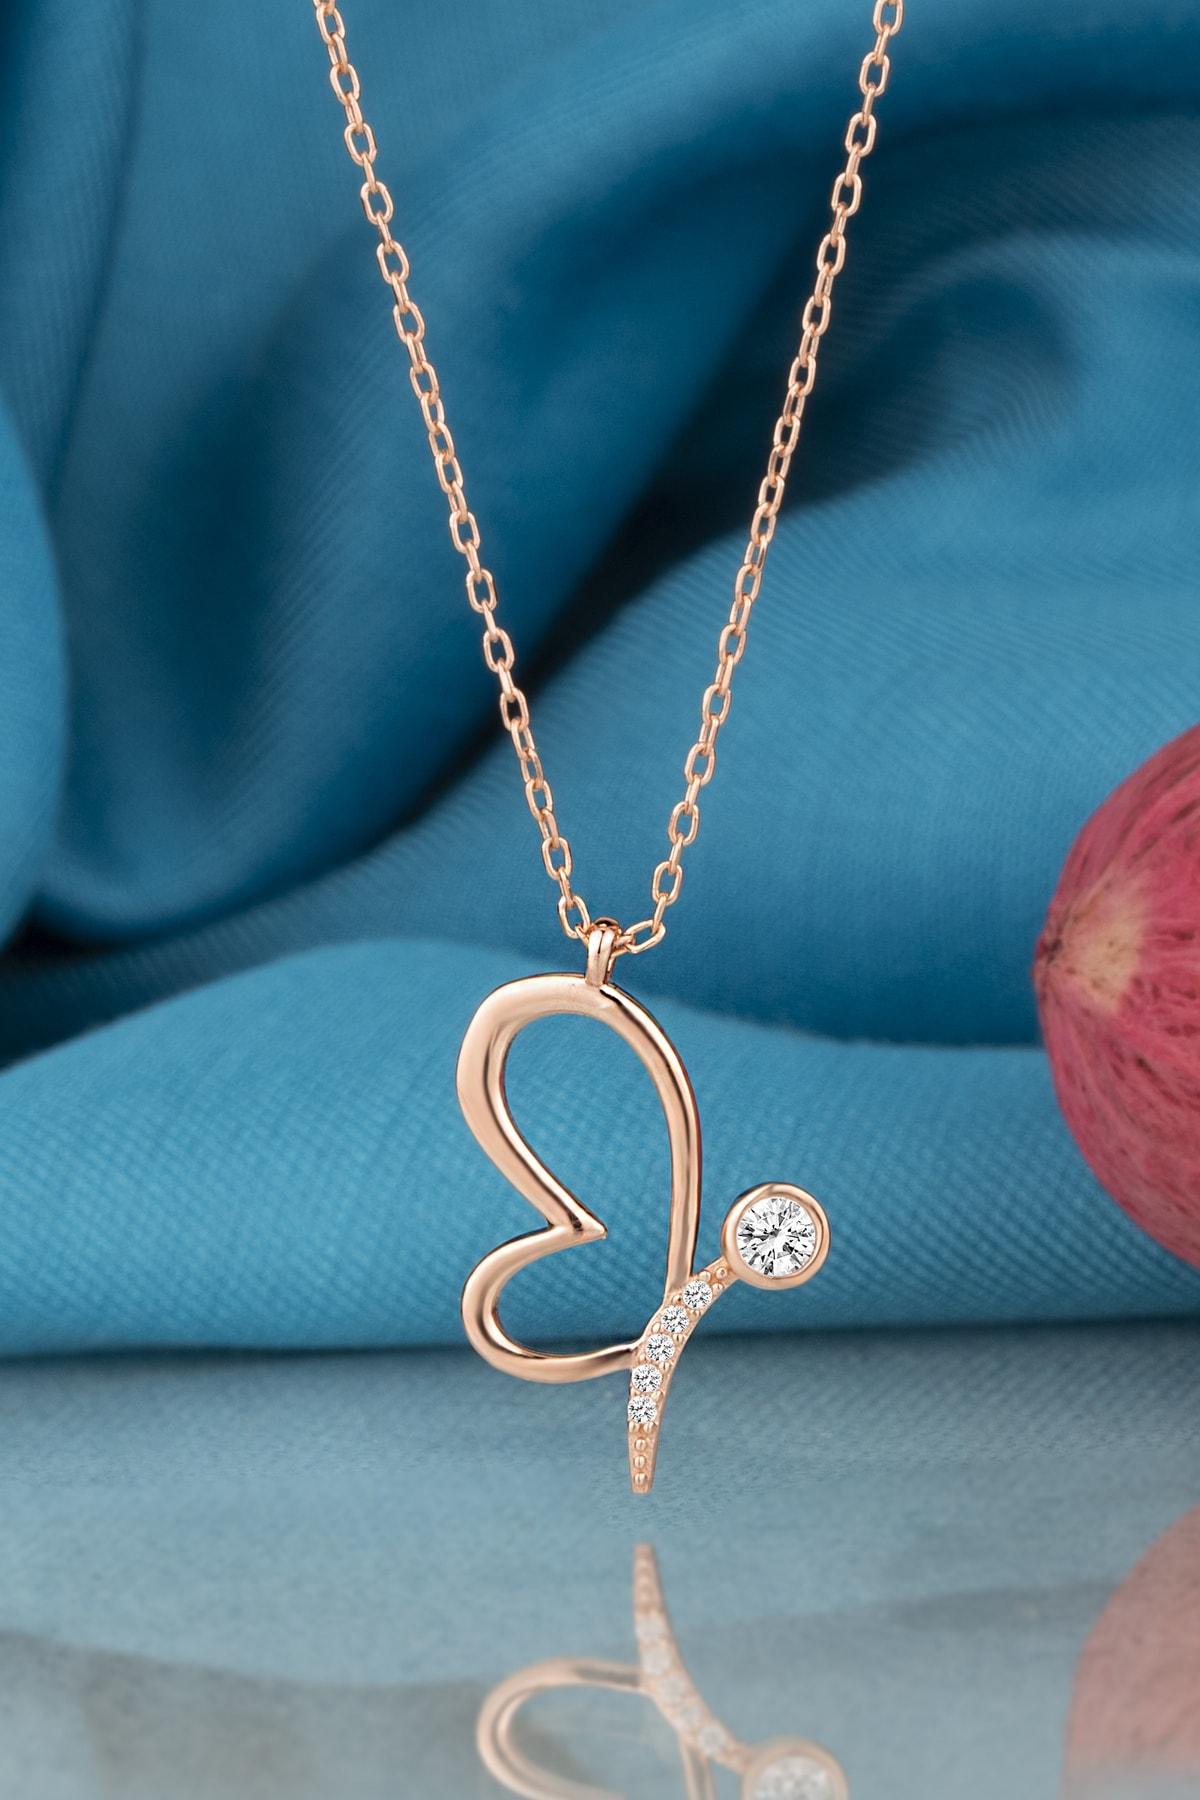 Kara Jewelry Gümüş Kolye Orijinal Swarovskı Taşlı Kelebek Temalı Rose Kaplama Bayan Kolye 1